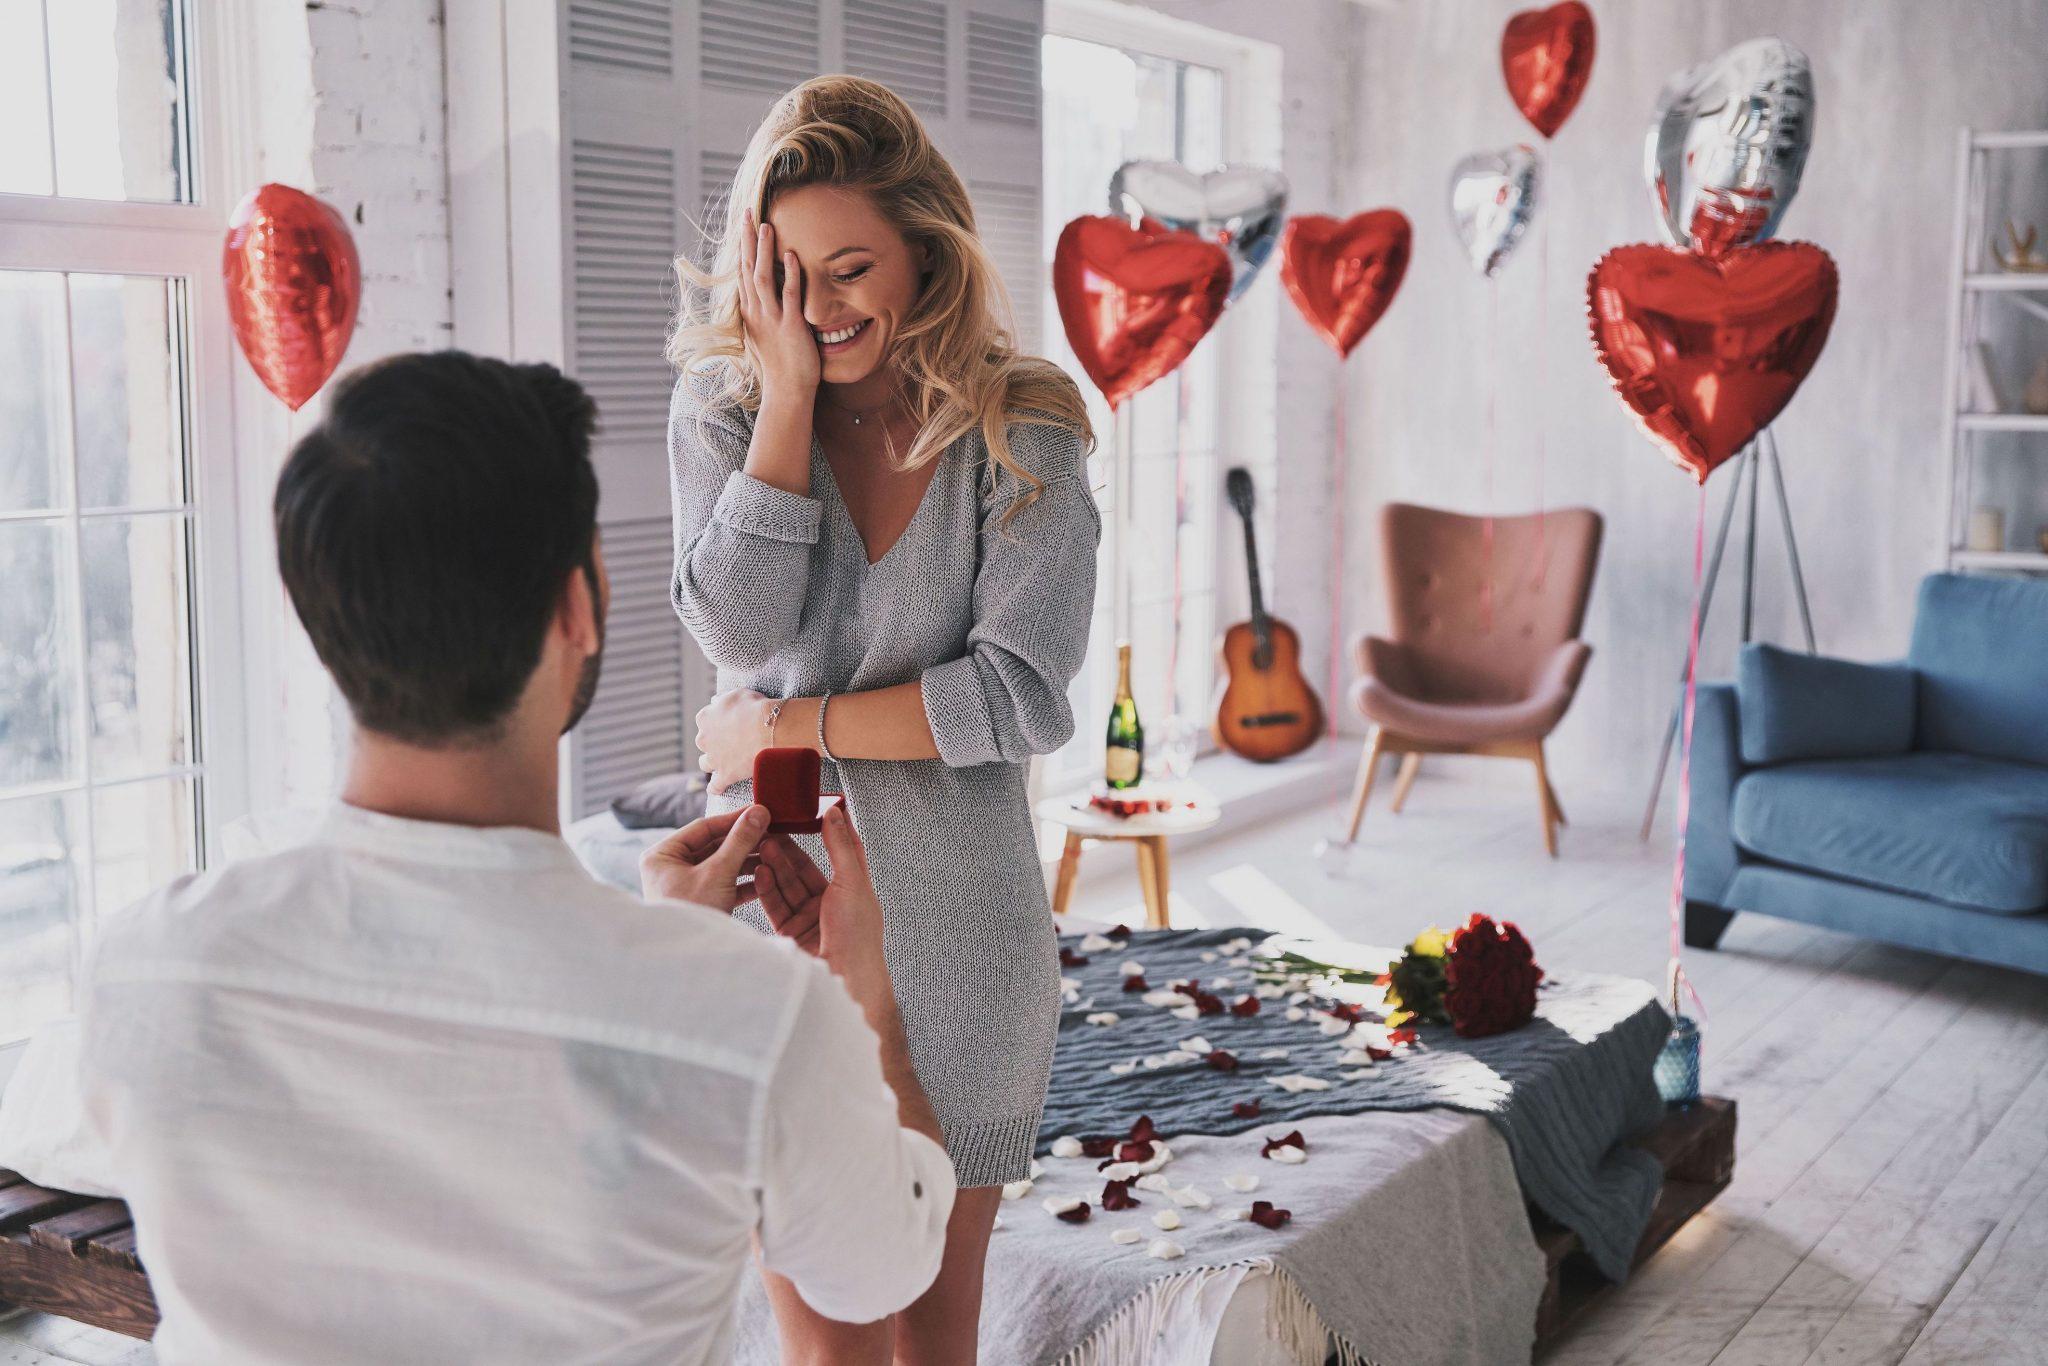 Huwelijksaanzoek-Maagd